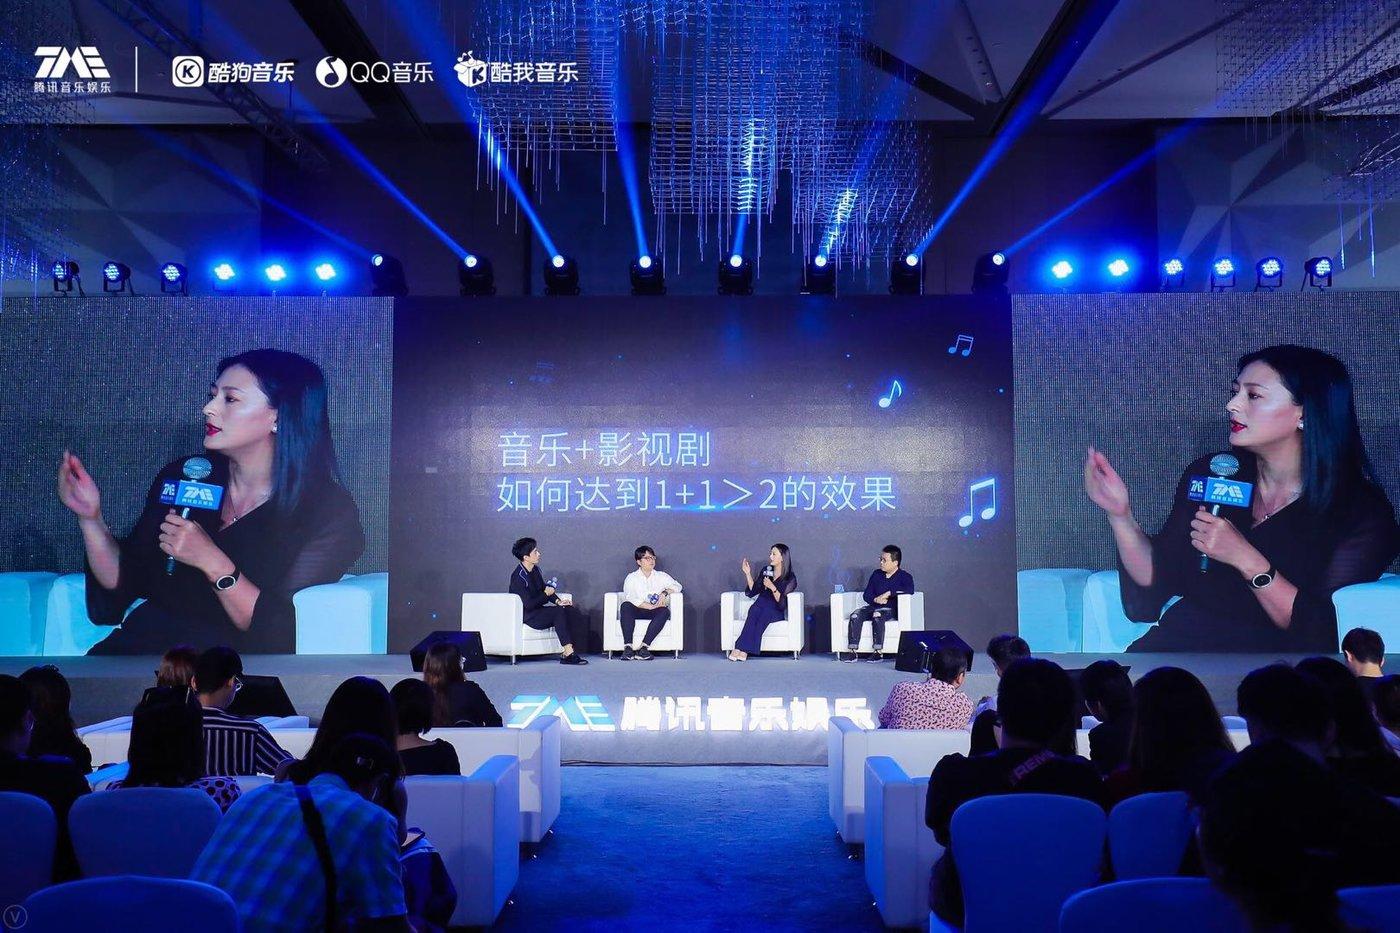 从左到右:主持人杨杨、音乐制作人谭旋、新丽传媒制片人黄澜